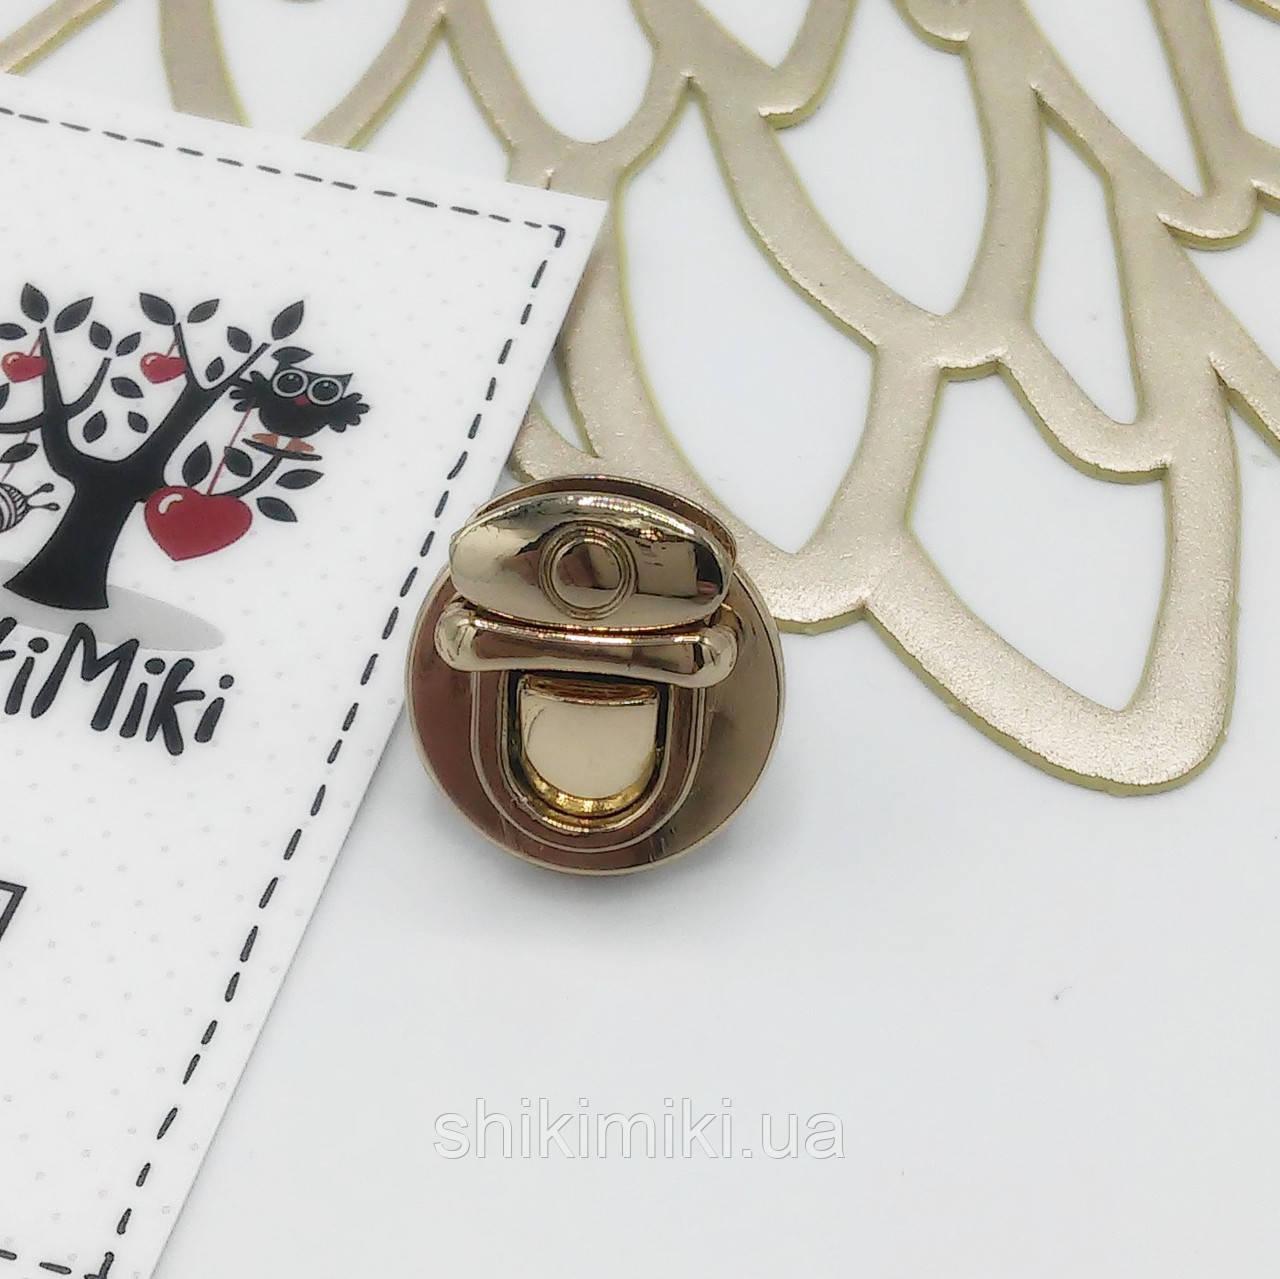 Замок для сумки круглый ZM30-3, цвет золото